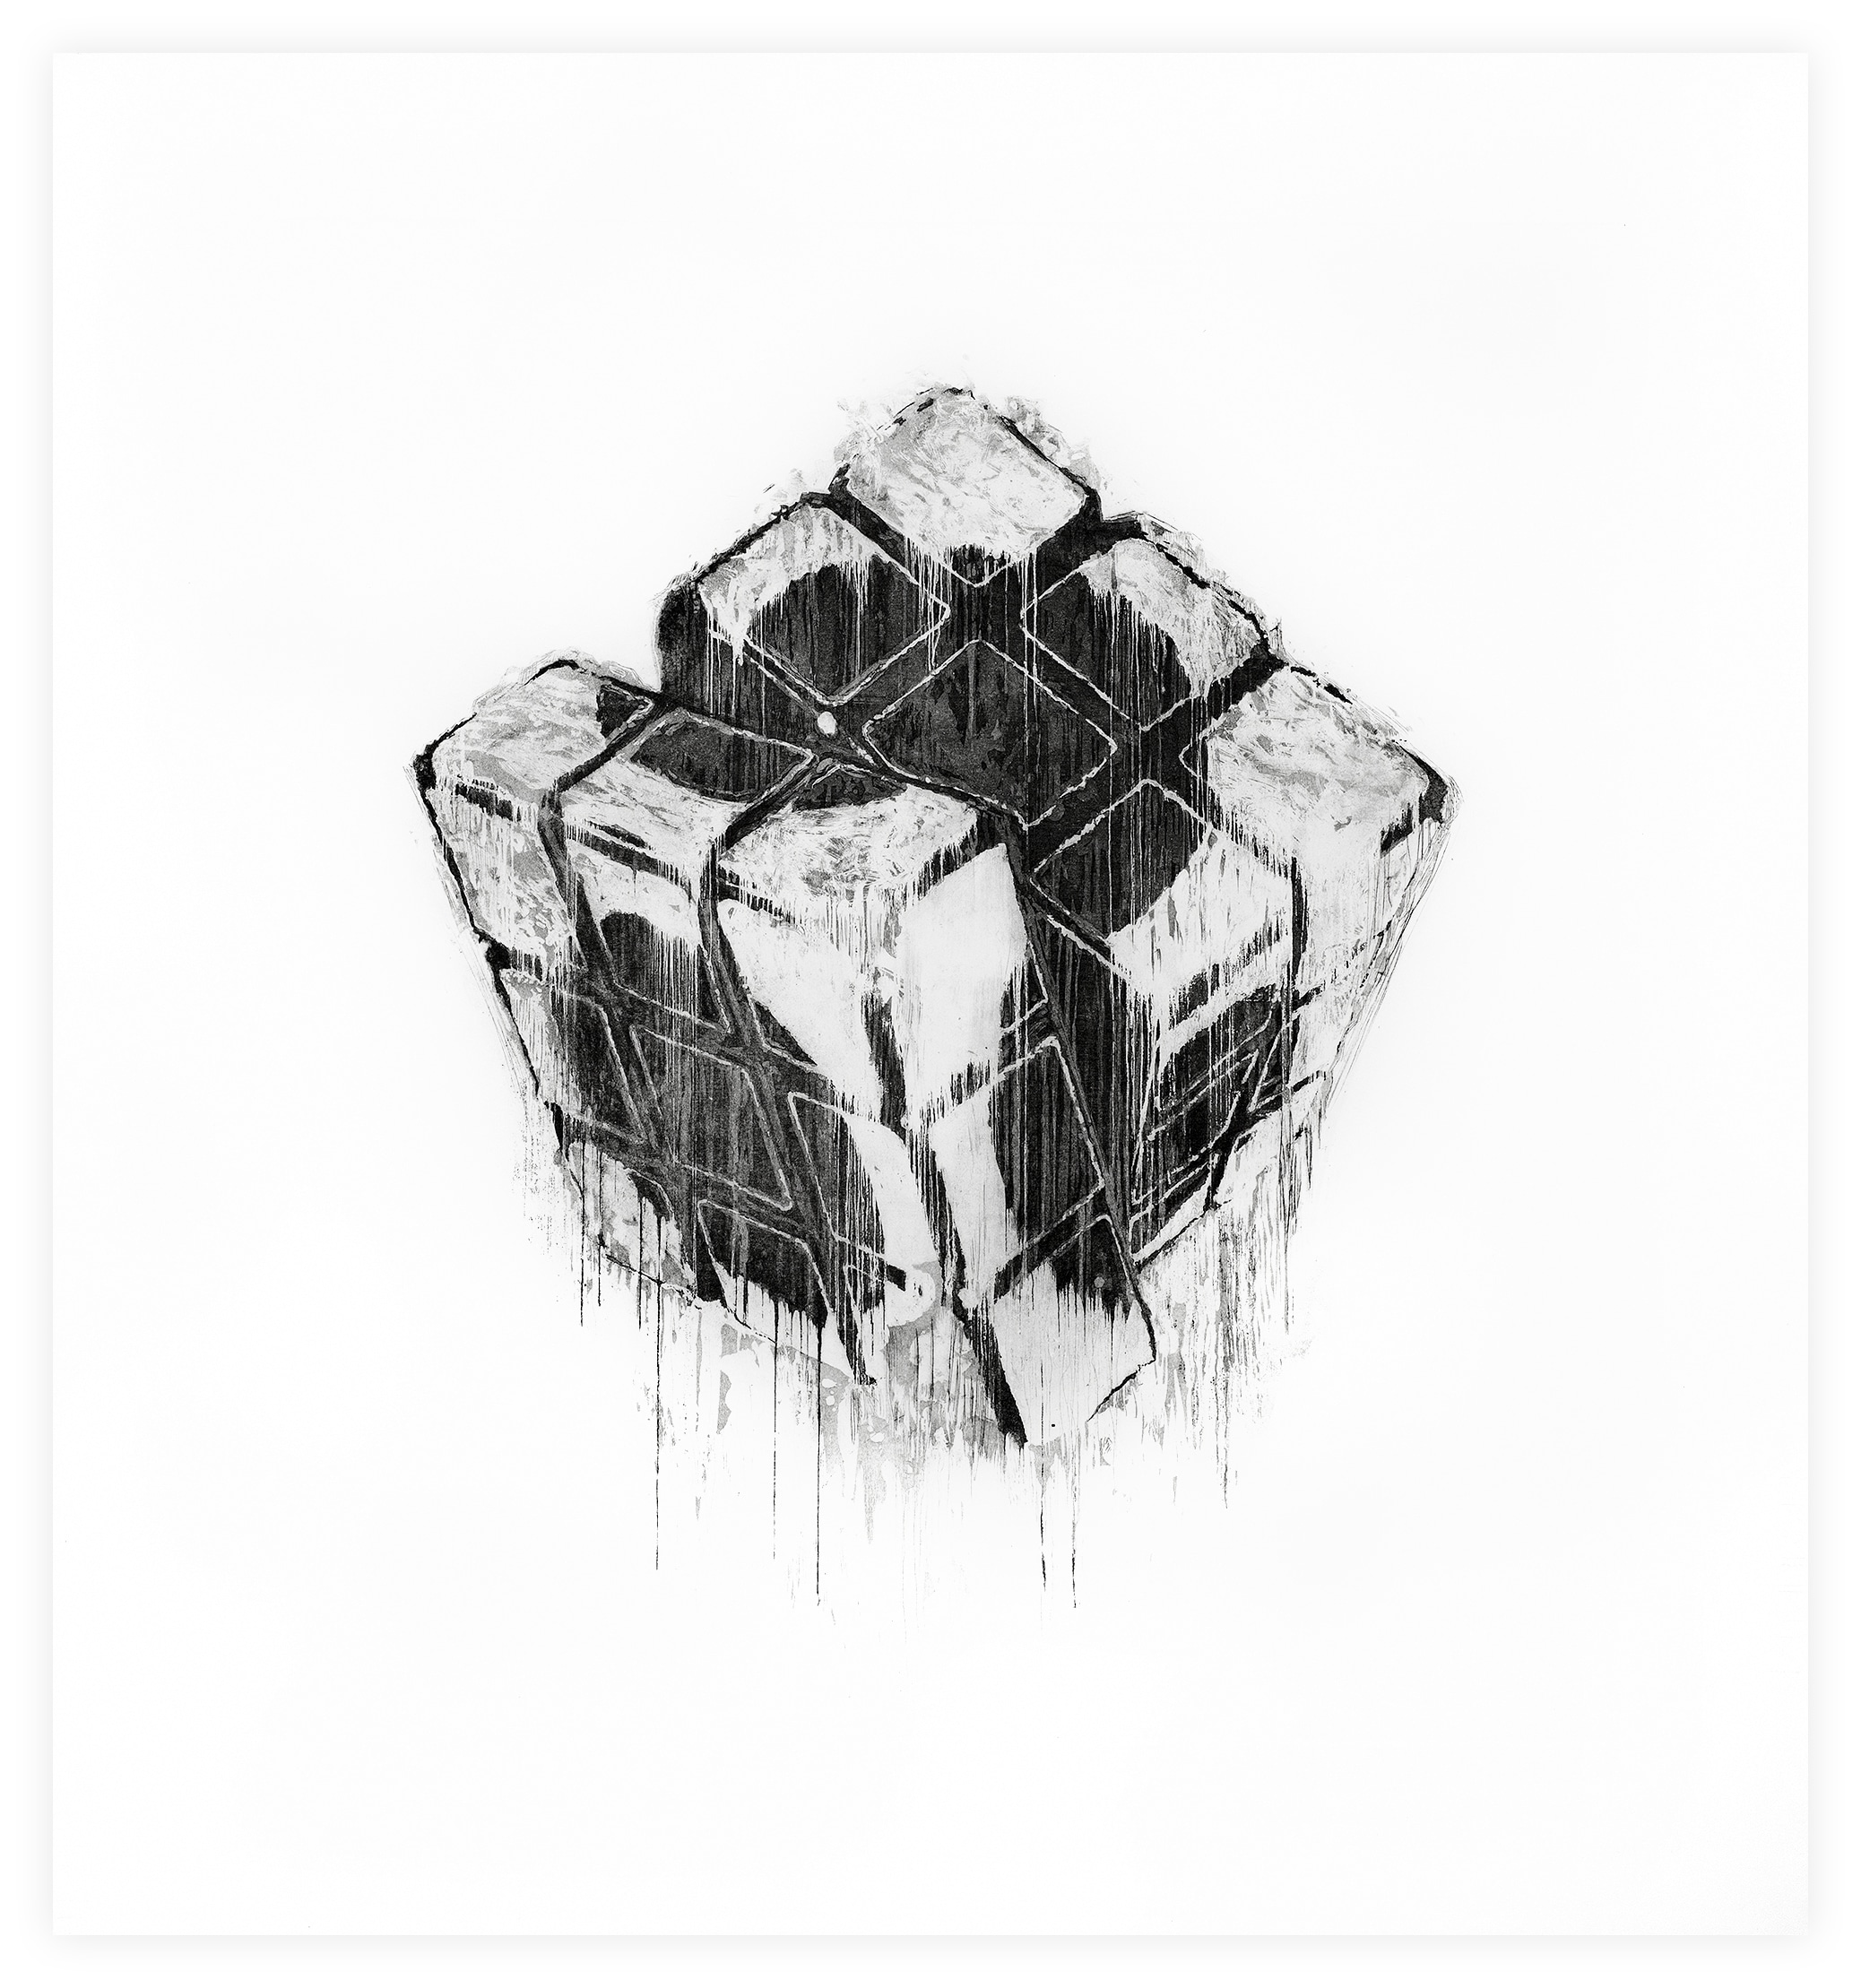 Cube print by DOTDOTDOT